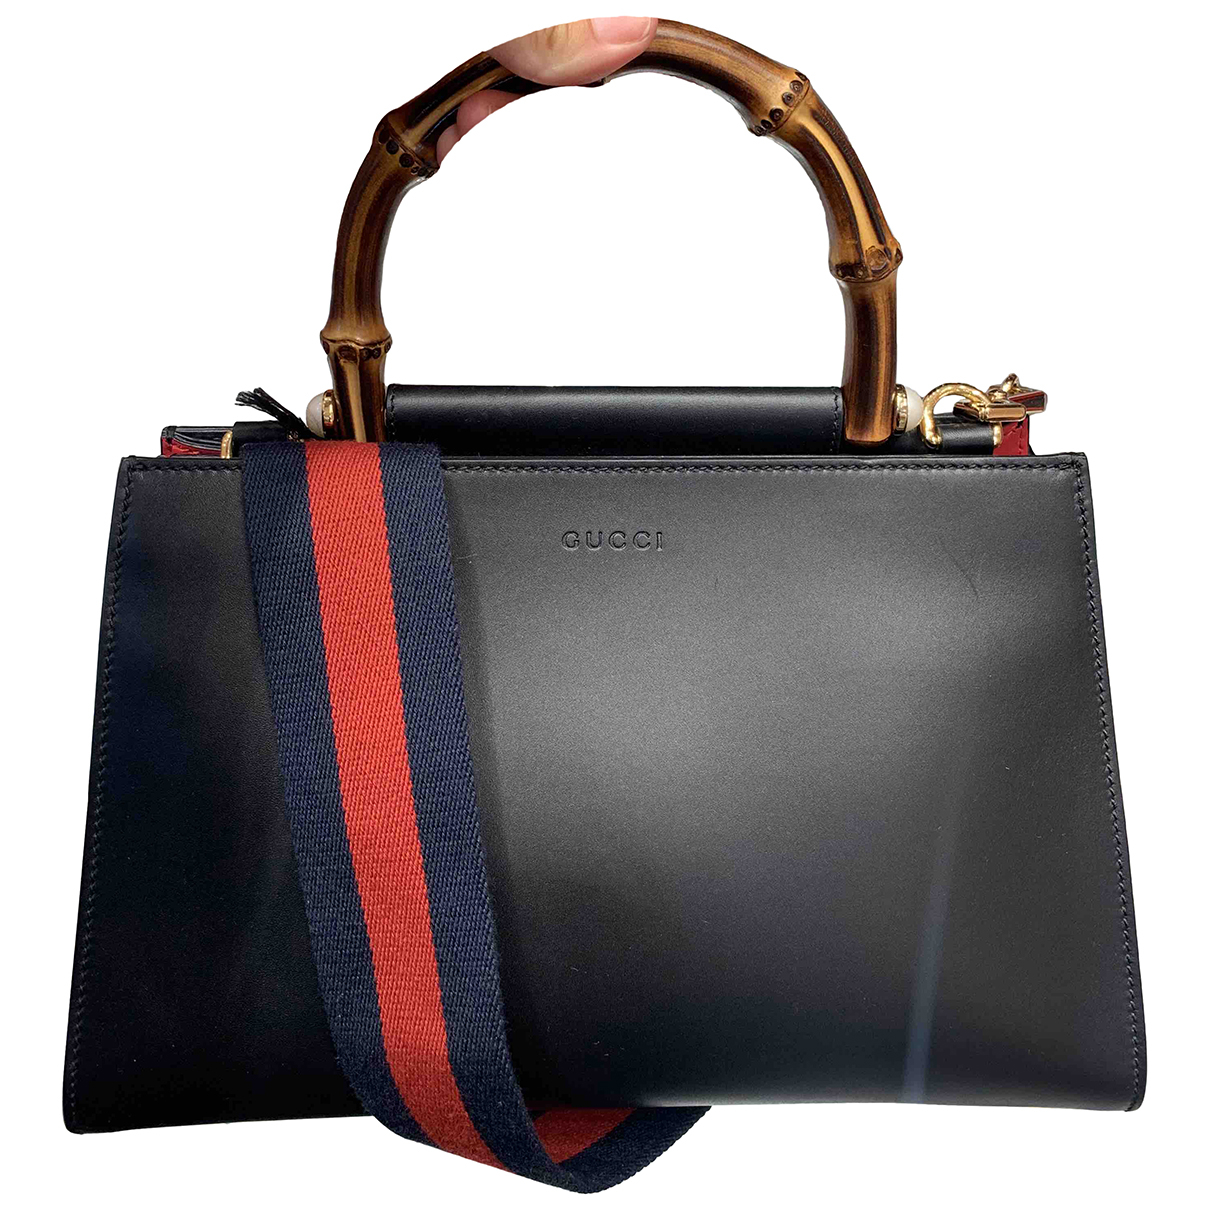 Gucci - Sac a main Nymphaea pour femme en cuir - noir